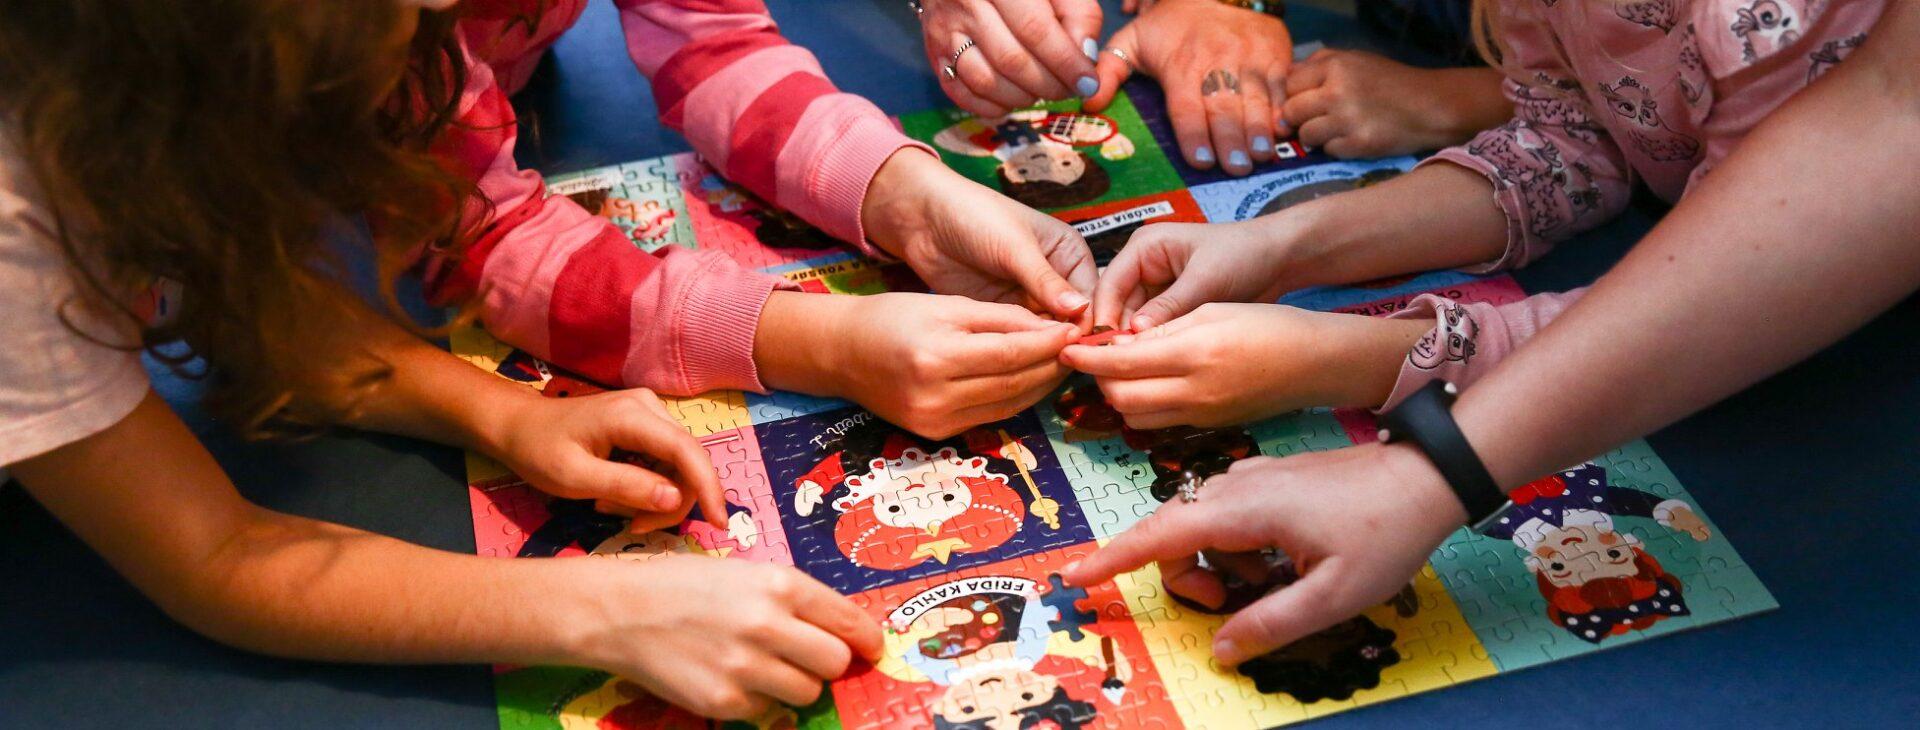 Na zdjęciu dłonie dziewczynek układających puzzle z wizerunkami ilustrowanych dziewczyn.